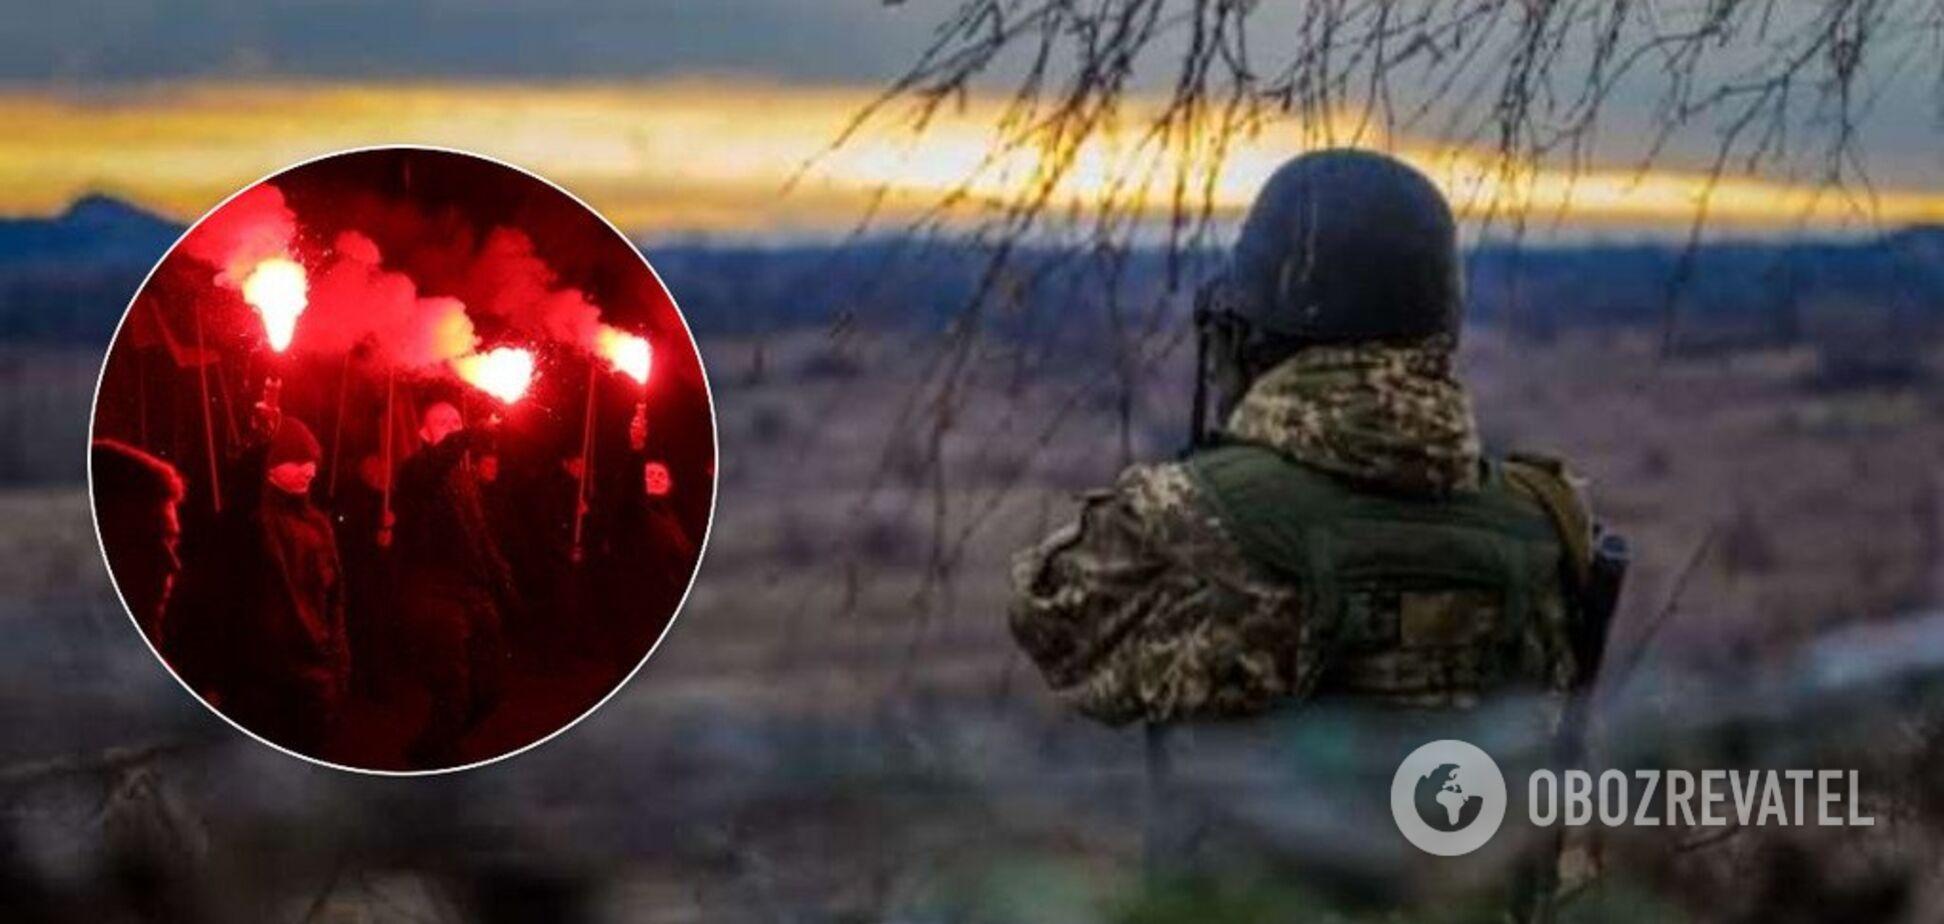 Украина = неонацисты? Кто и зачем портит имидж страны